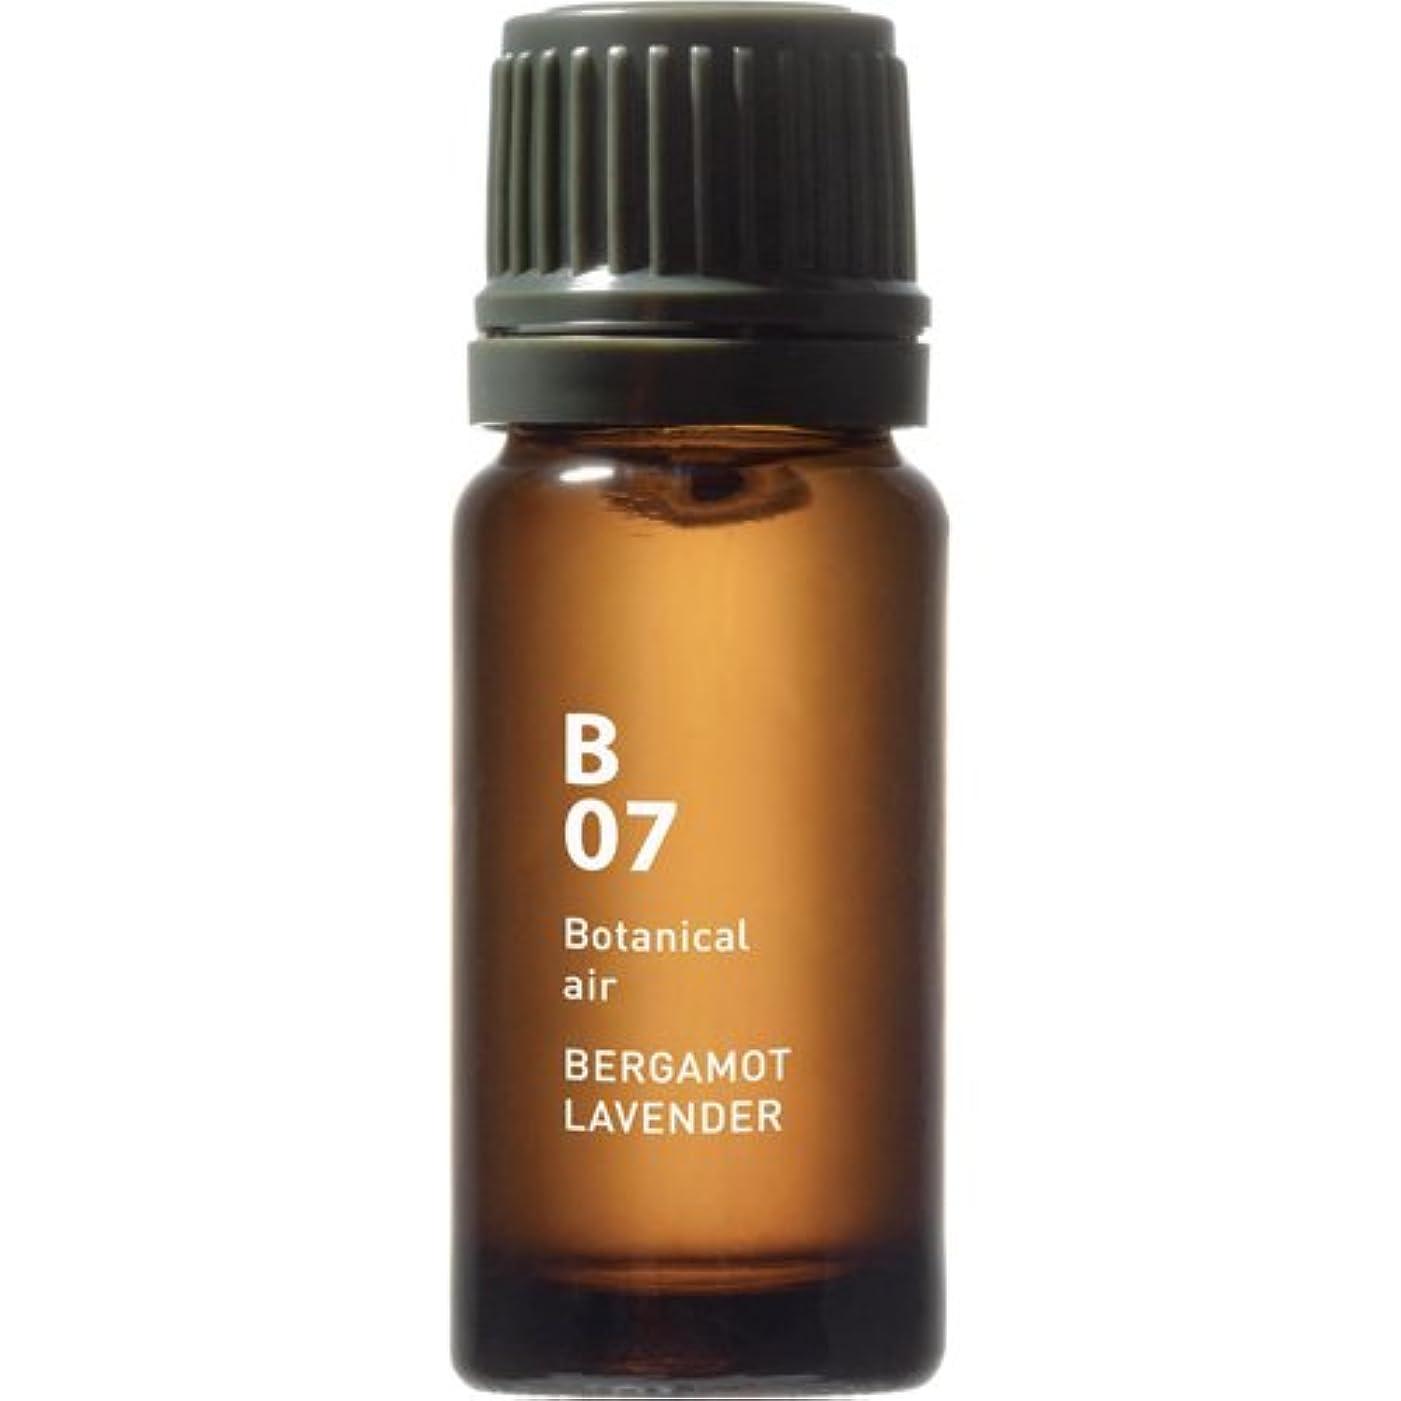 受け入れるに対応するお香B07 ベルガモットラベンダー Botanical air(ボタニカルエアー) 10ml